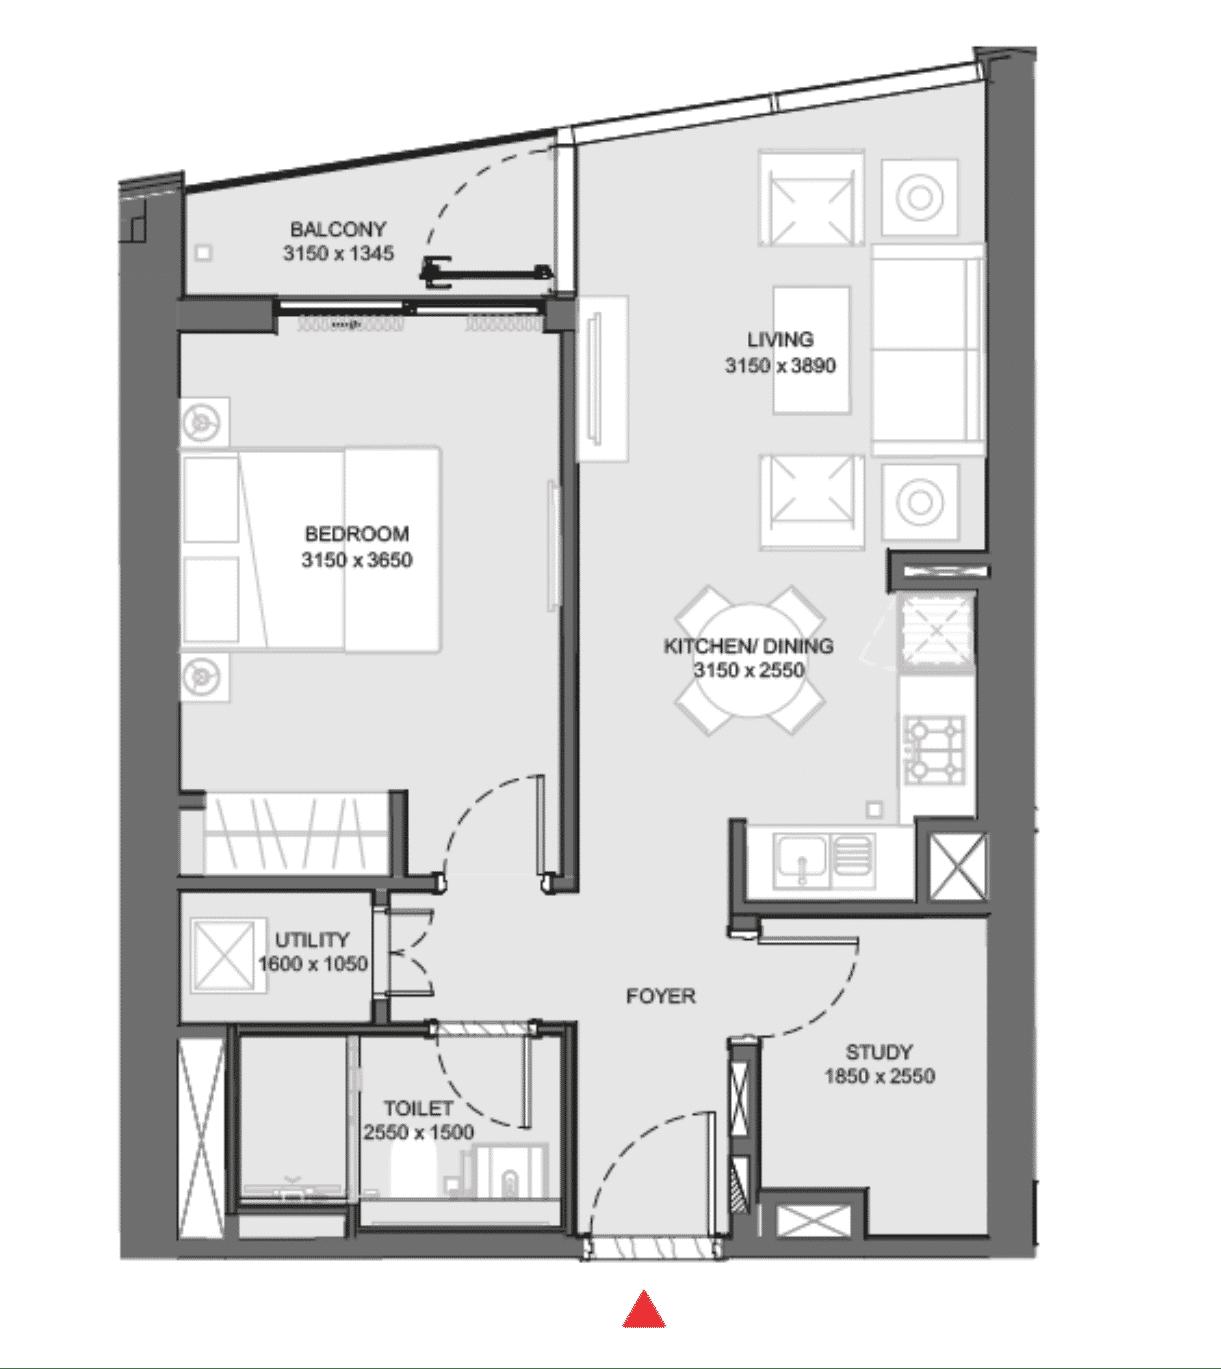 Appartement d'une chambre à coucher + study (bureau)